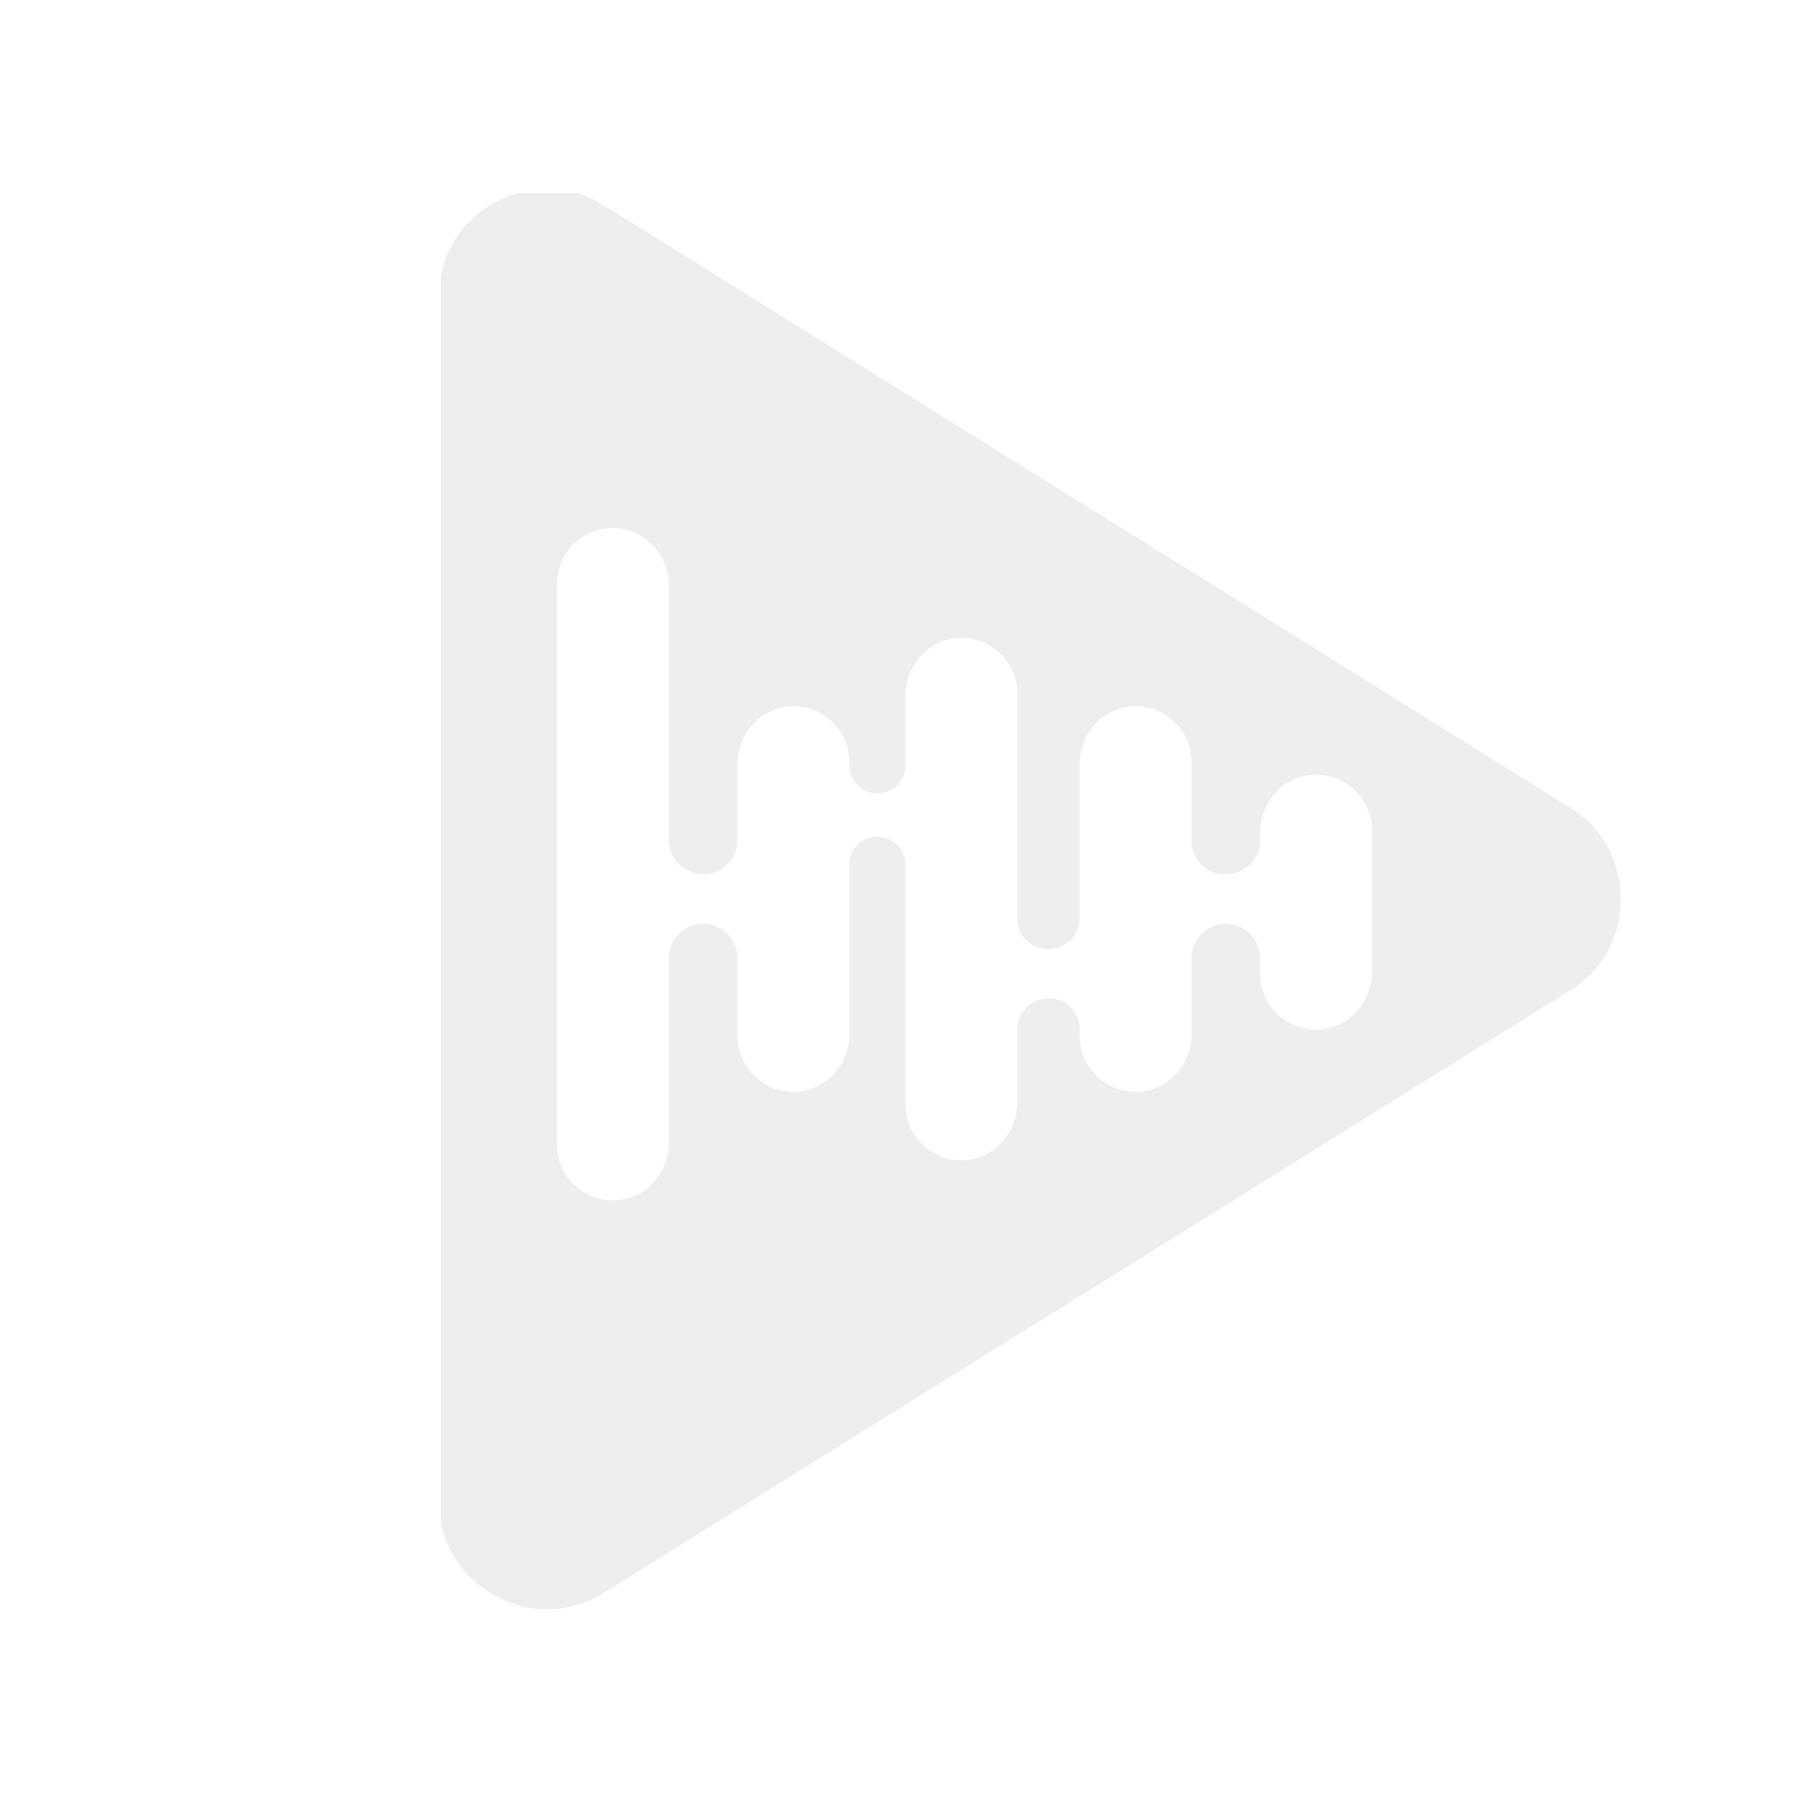 Hertz HZ BRACELET - Hertz oransje armbånd